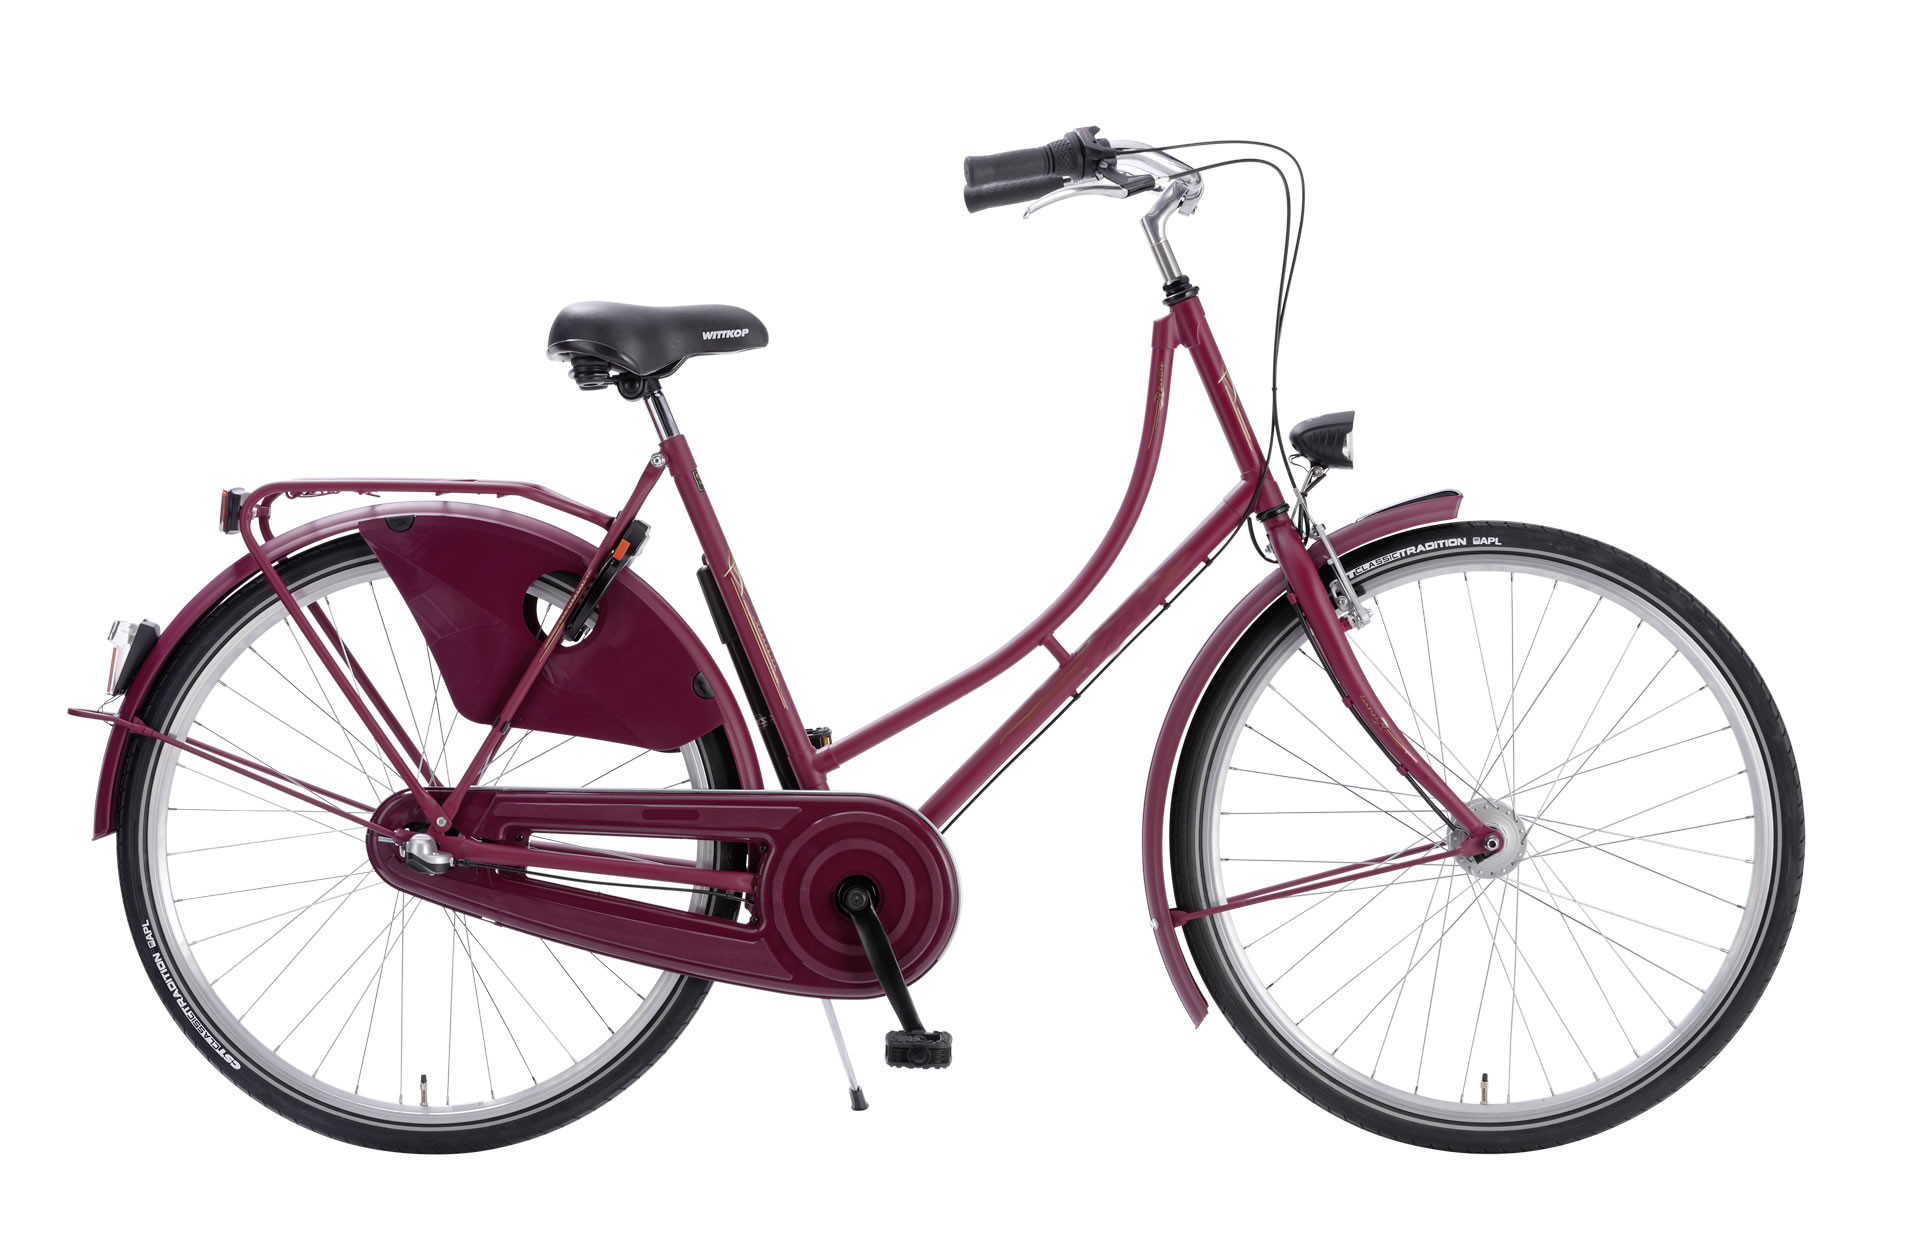 hollandrad 26 zoll kaufen beim spezialisten greenbike. Black Bedroom Furniture Sets. Home Design Ideas